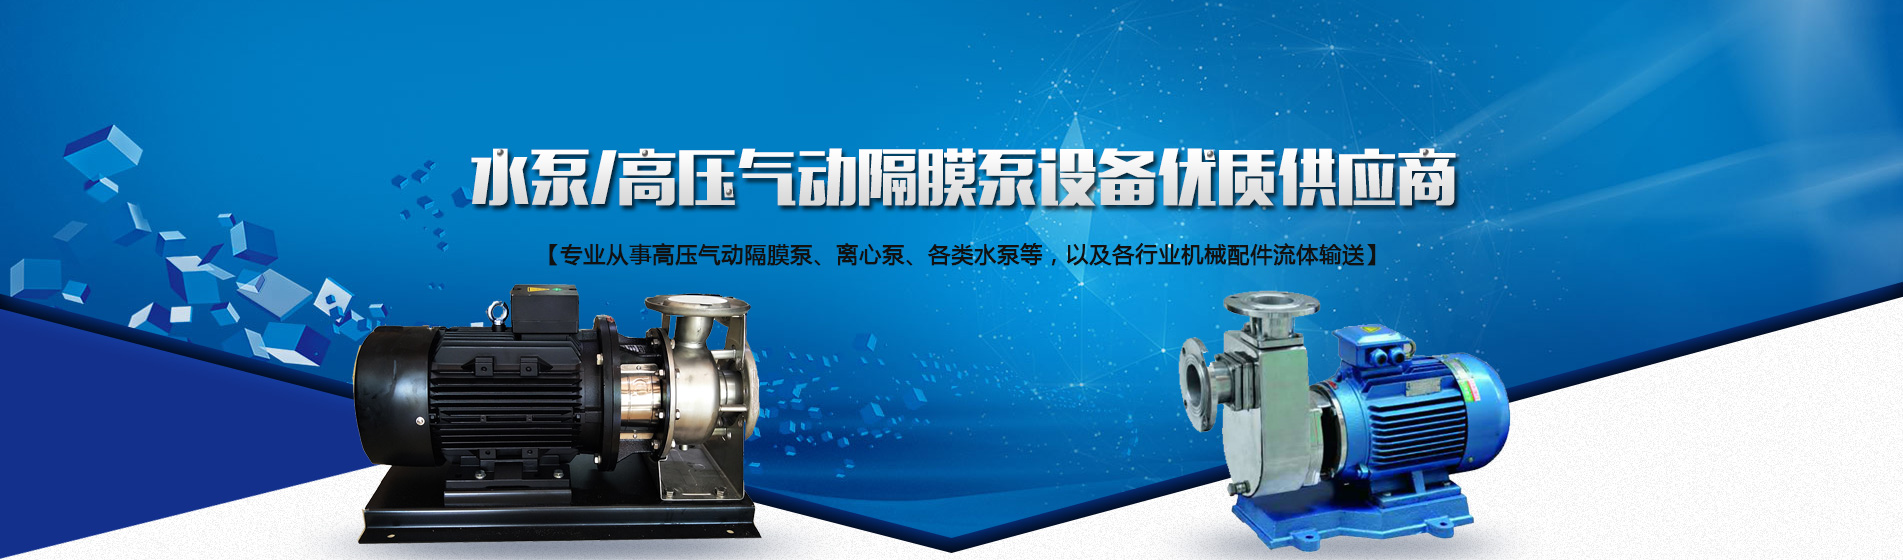 中山正扬不锈钢离心泵厂家教你离心泵轴承润滑方式选择及启动前准备